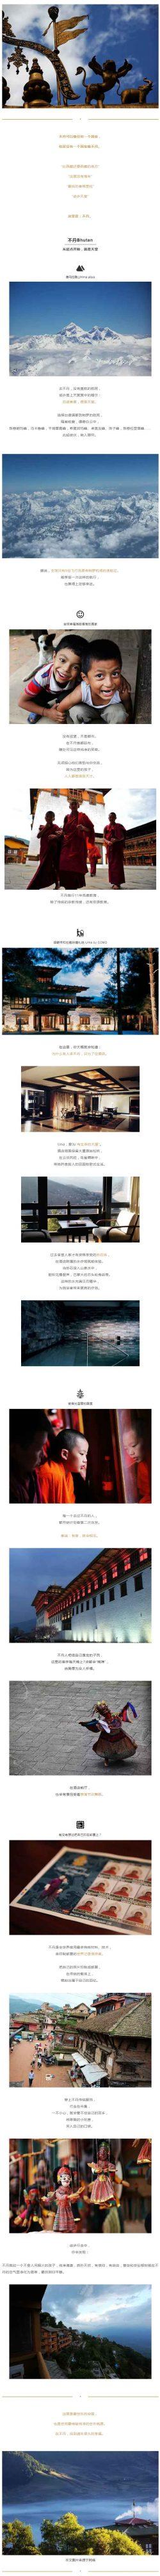 风景区景点介绍 旅行社风景宣传微信公众号模板